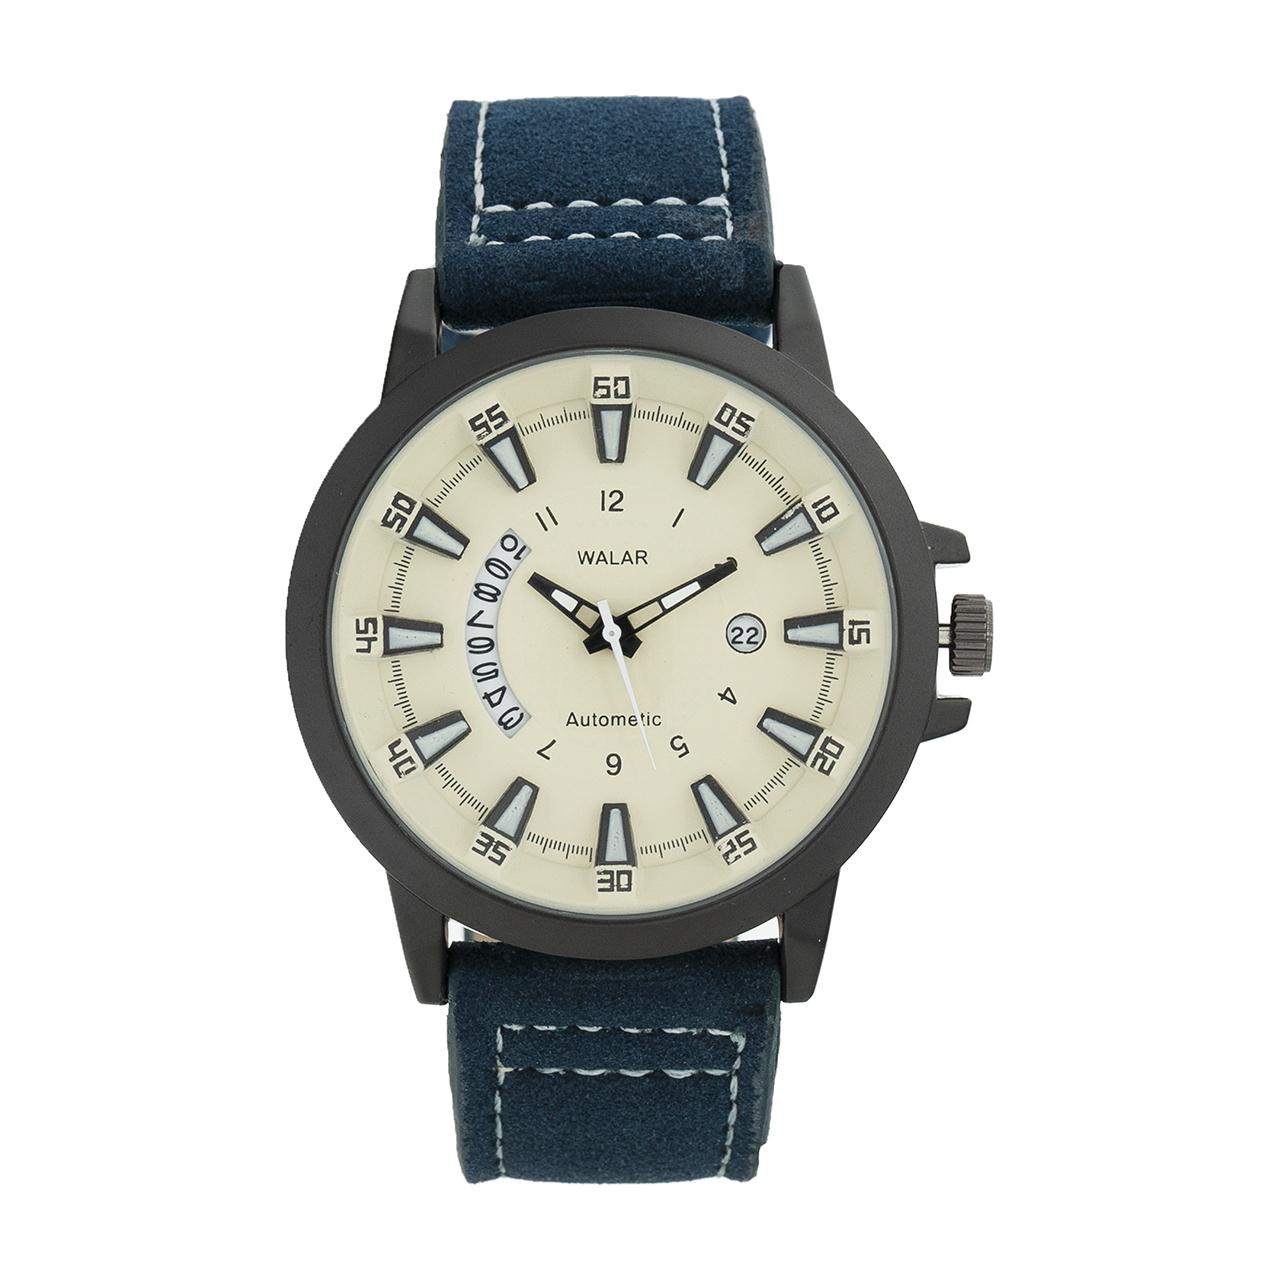 ساعت مچی مردانه والار مدل WF1452